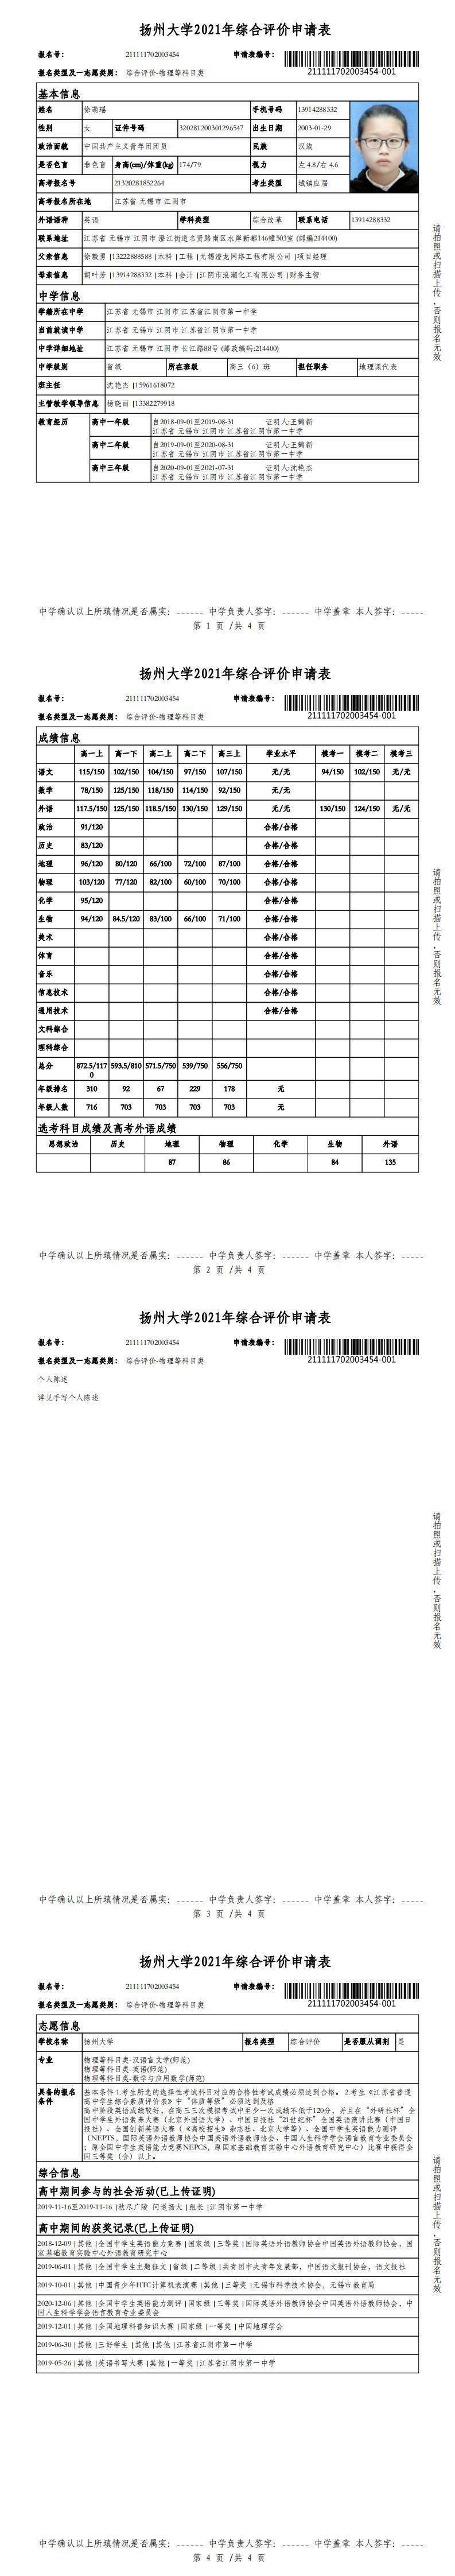 扬大申请表_0.jpg